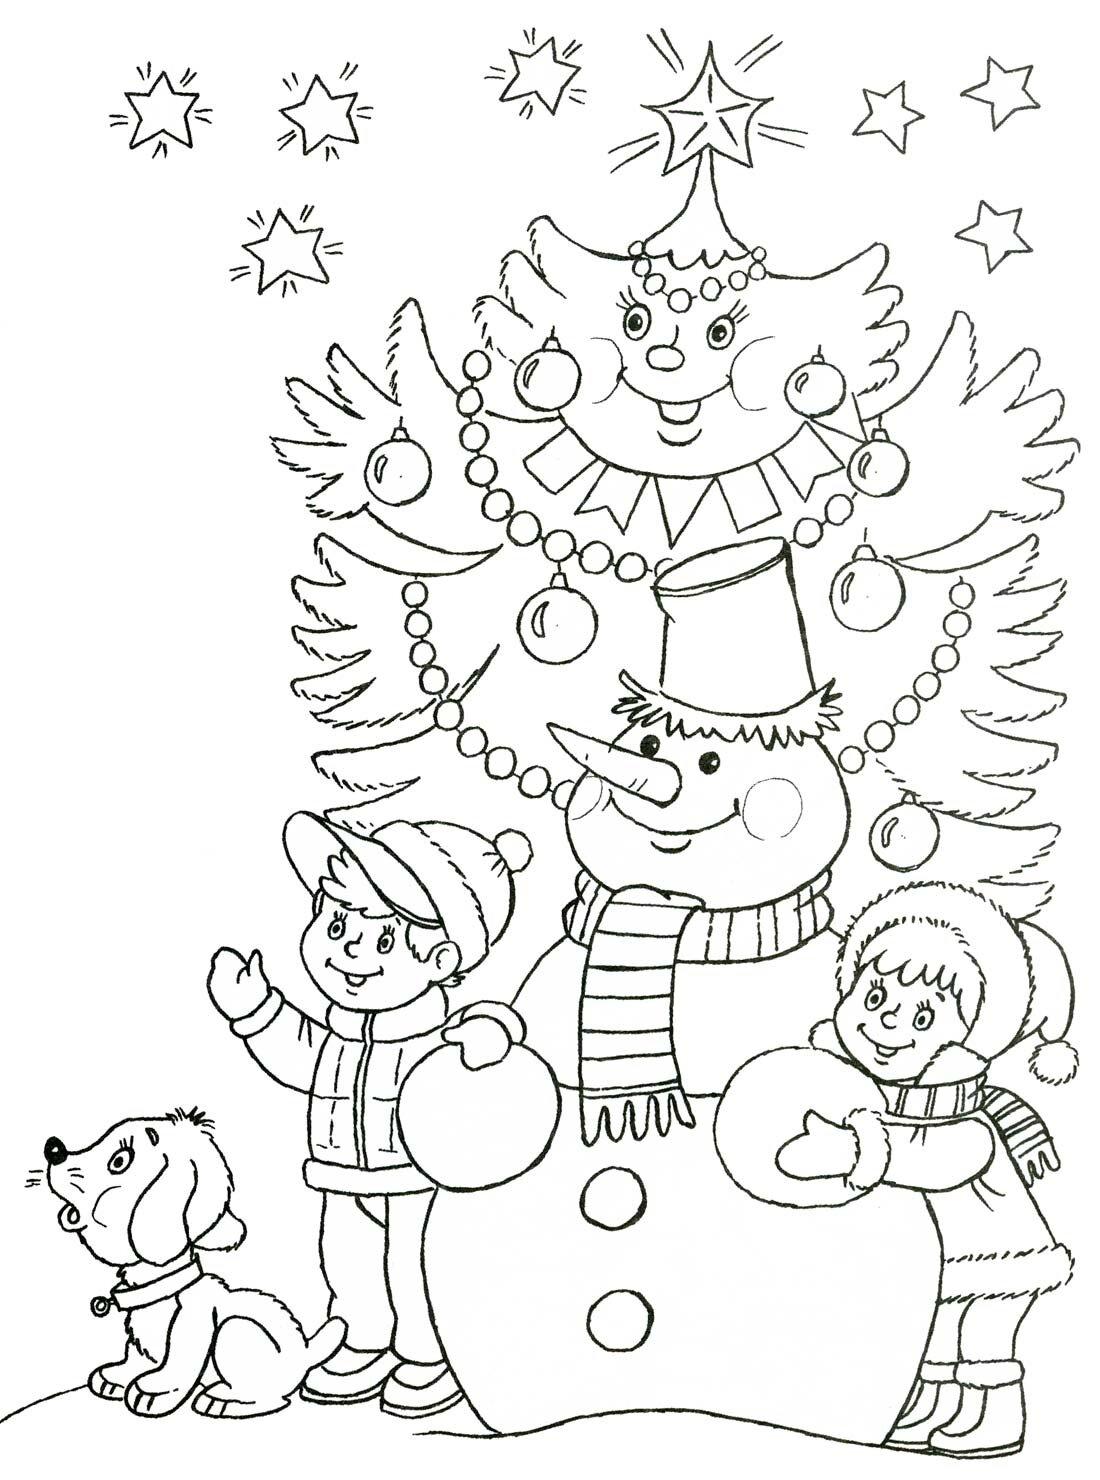 Новогодние раскраски для детей 5-6 лет распечатать